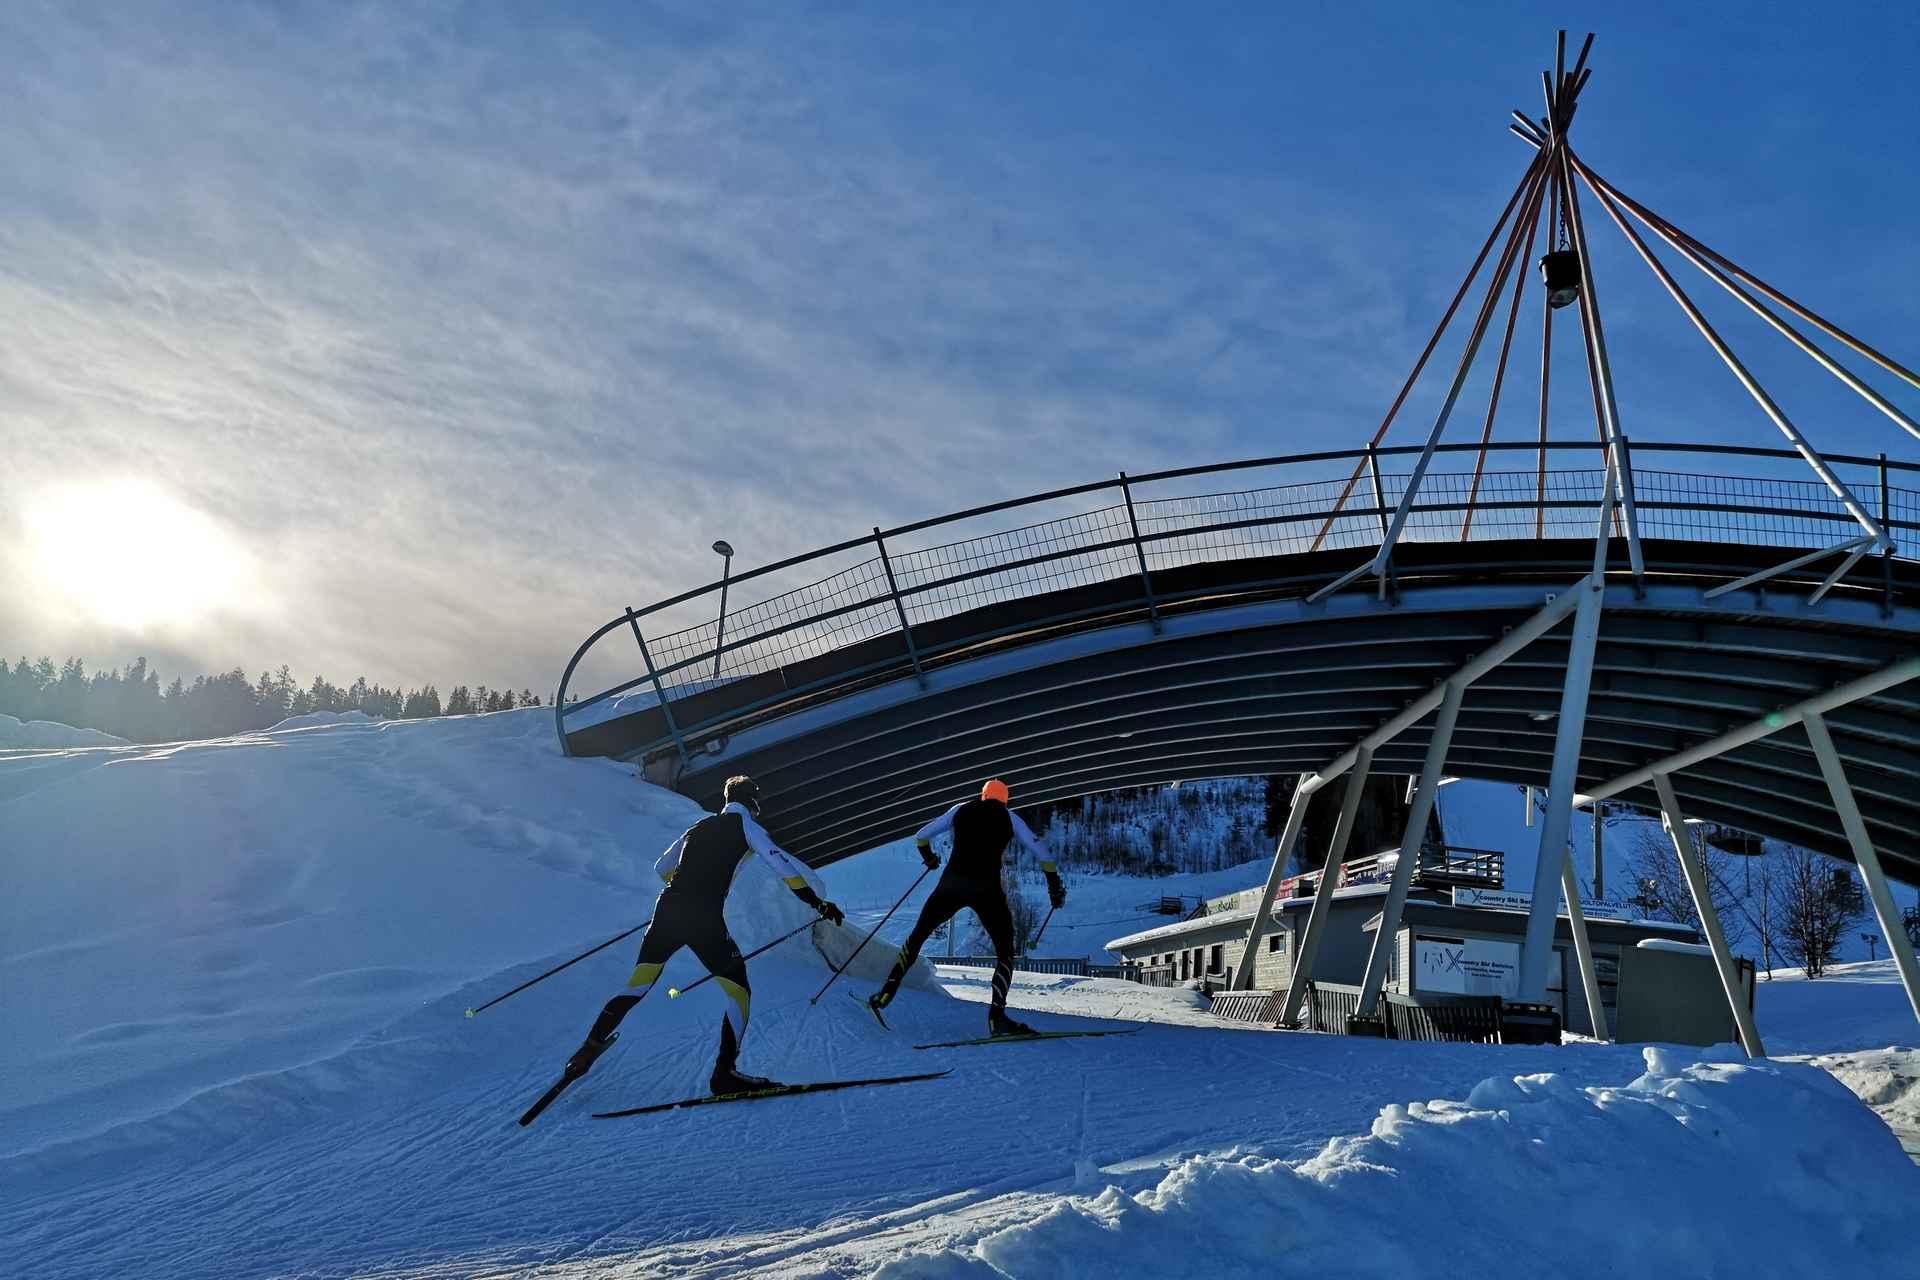 Ounasvaaran hiihtostadion on Ounasvaara Chaletsin naapurissa.